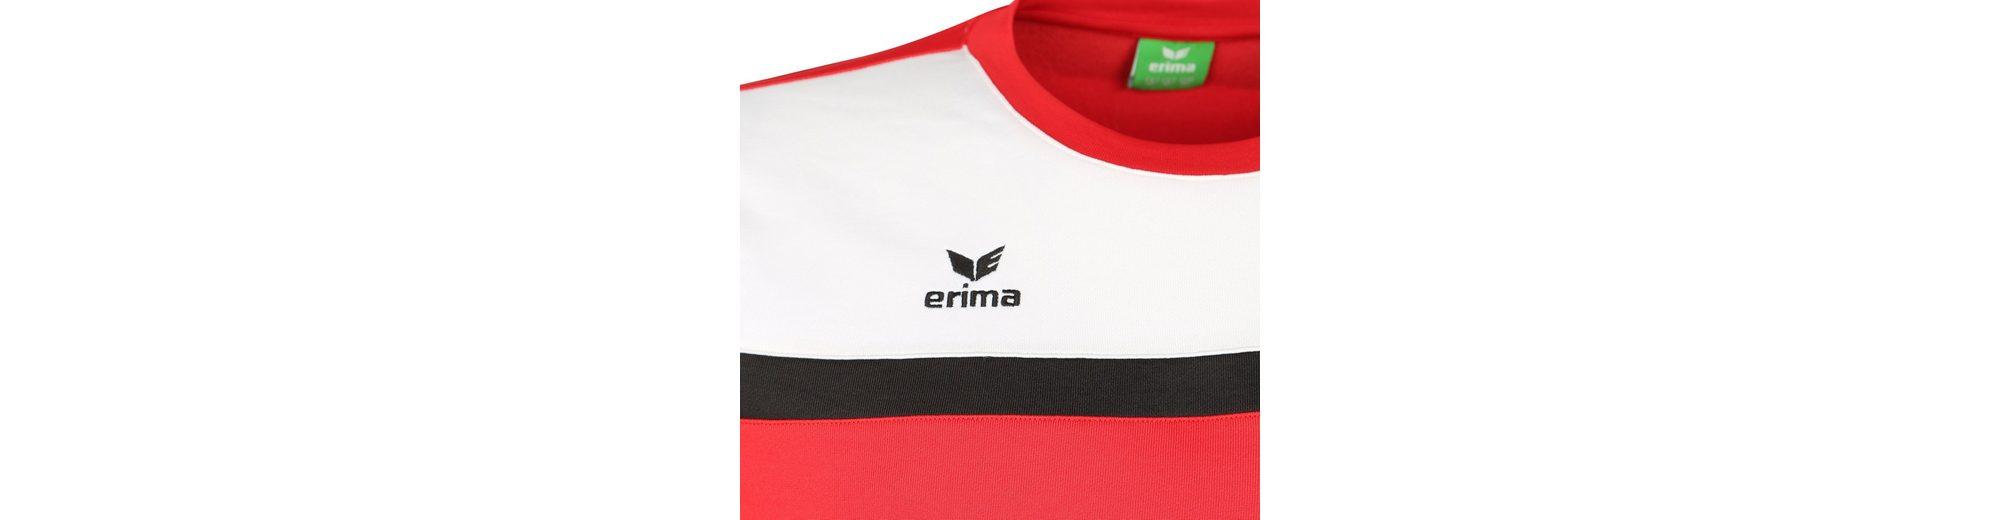 ERIMA 5-CUBES Trainingssweat Herren Verkauf Outlet-Store Besuch Freies Verschiffen Neuesten Kollektionen TlJHvl